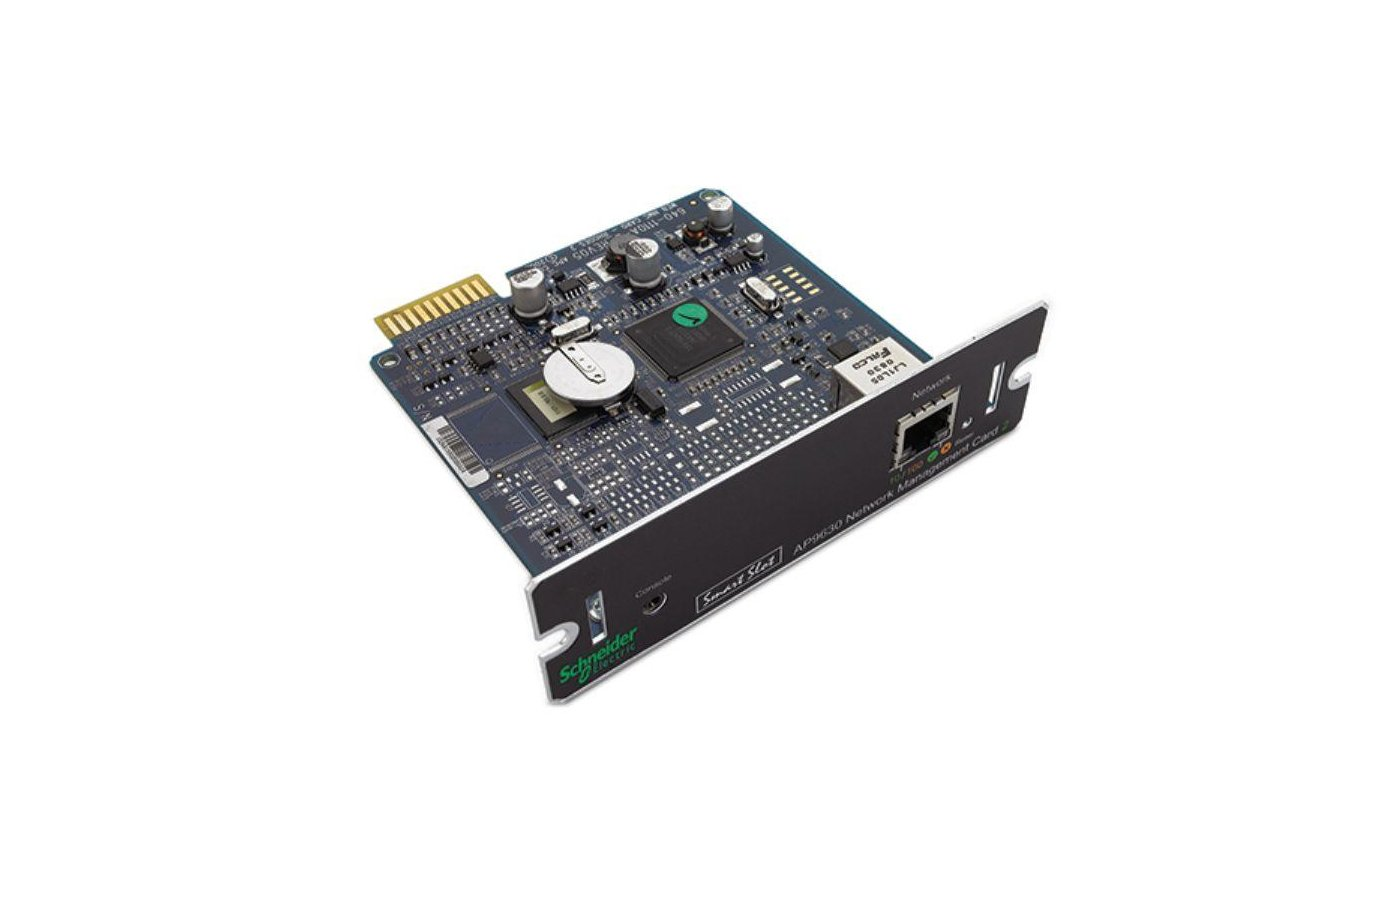 Блок питания Блок управления APC AP9630 UPS Network Management Card 2